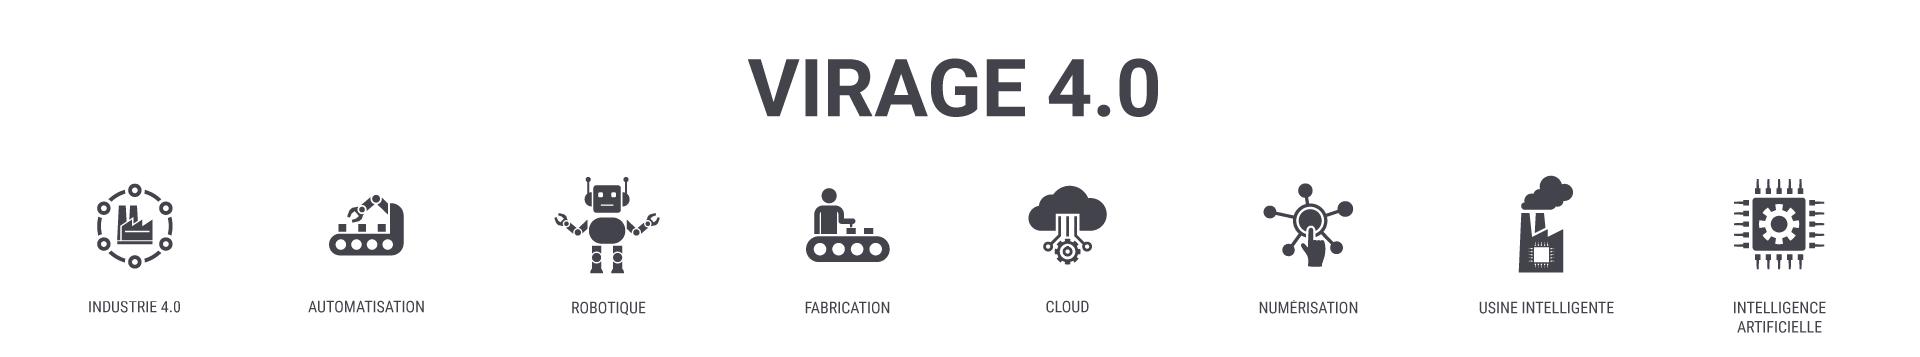 dpme-cercle-echange-virage-numerique-usine-connectee-robotique